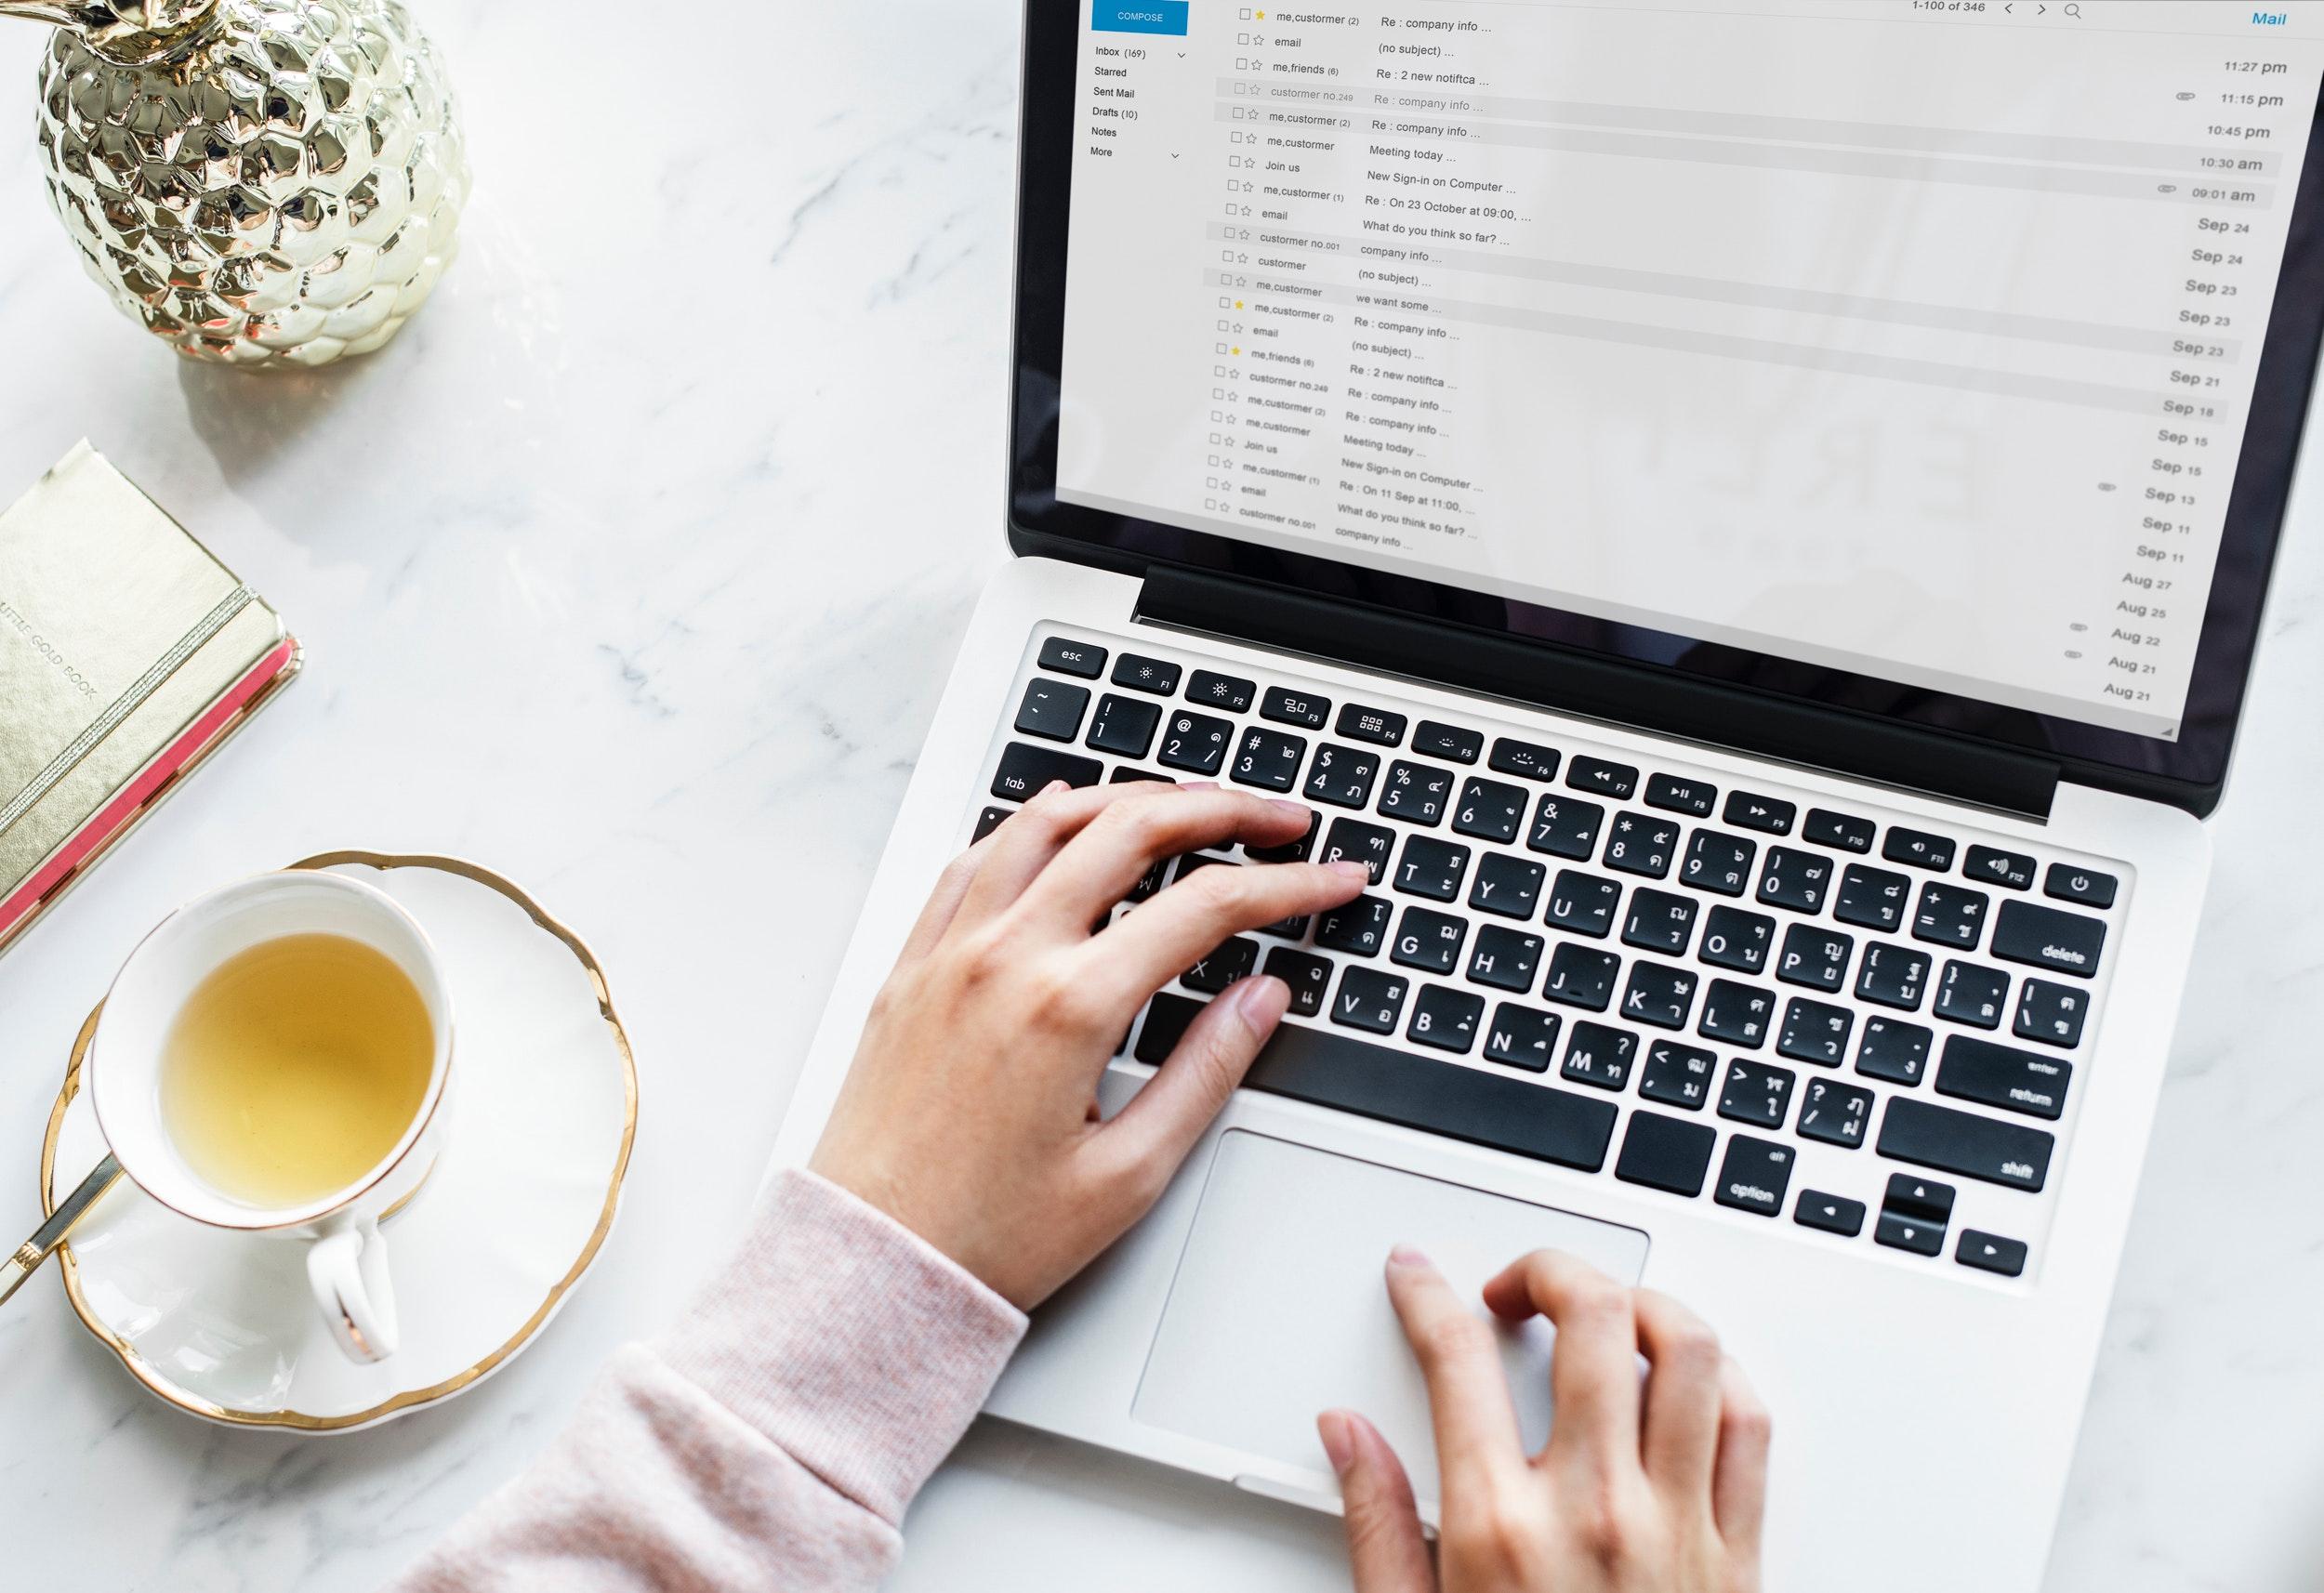 Cómo enviar archivos pesados por email a tu equipo